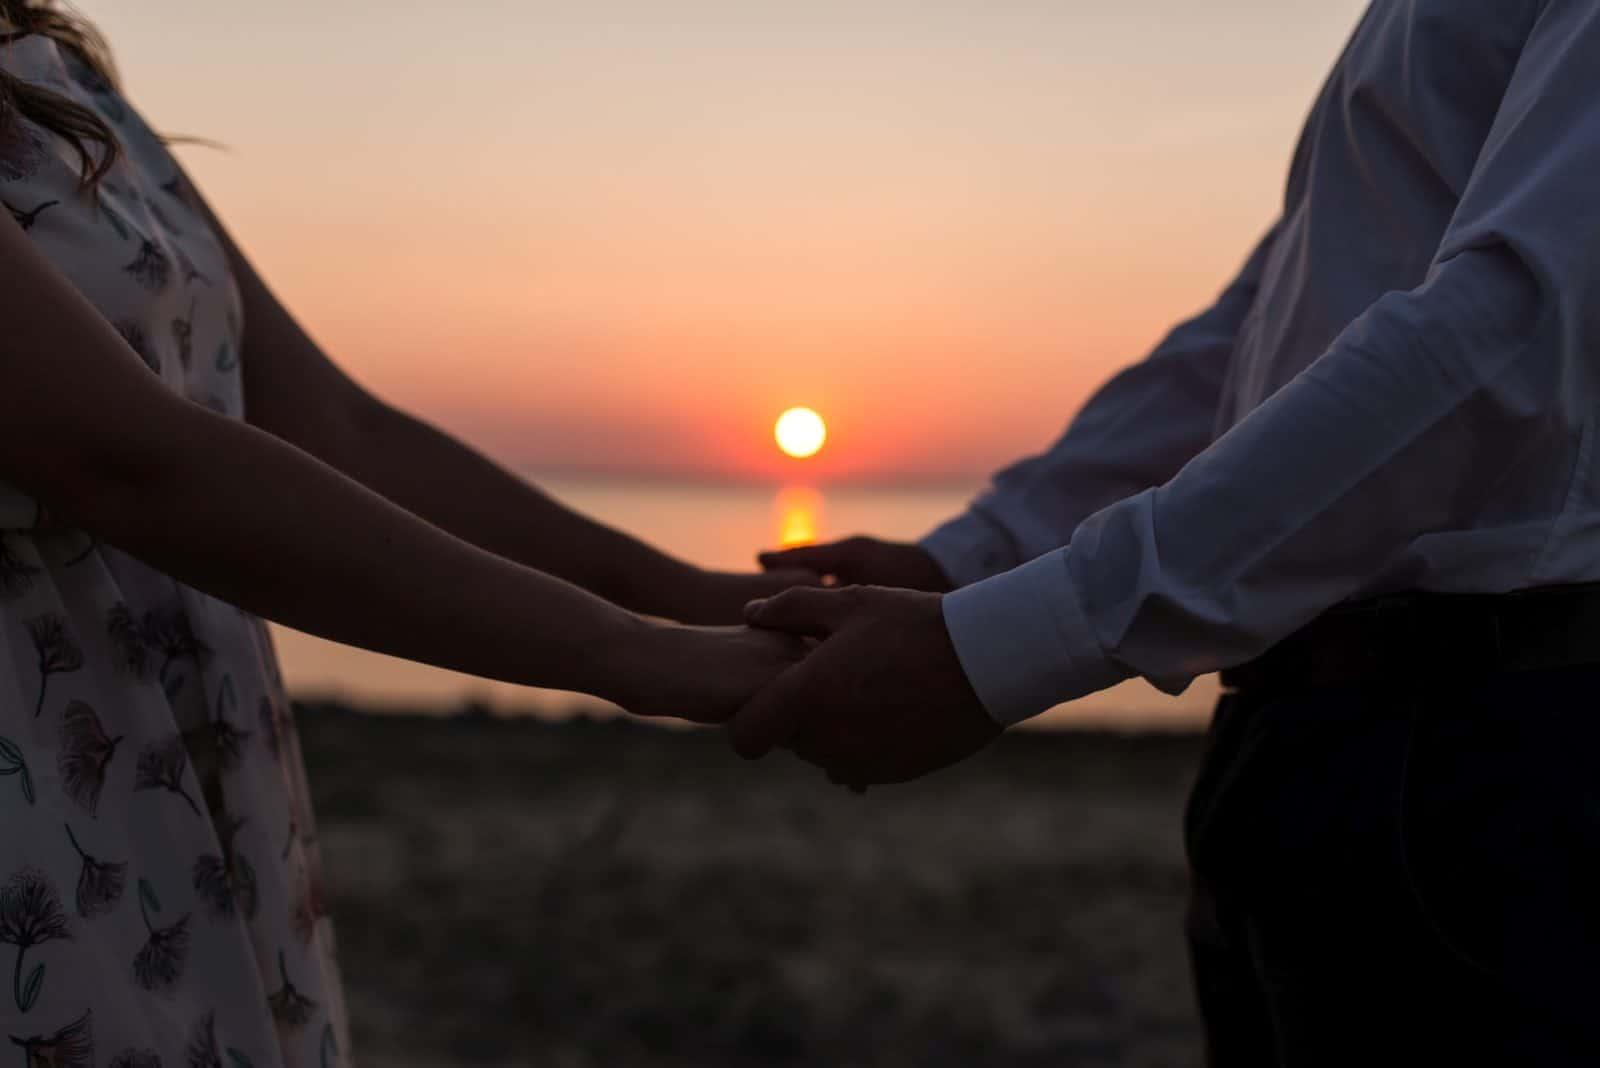 Paar Händchen haltend bei Sonnenuntergang